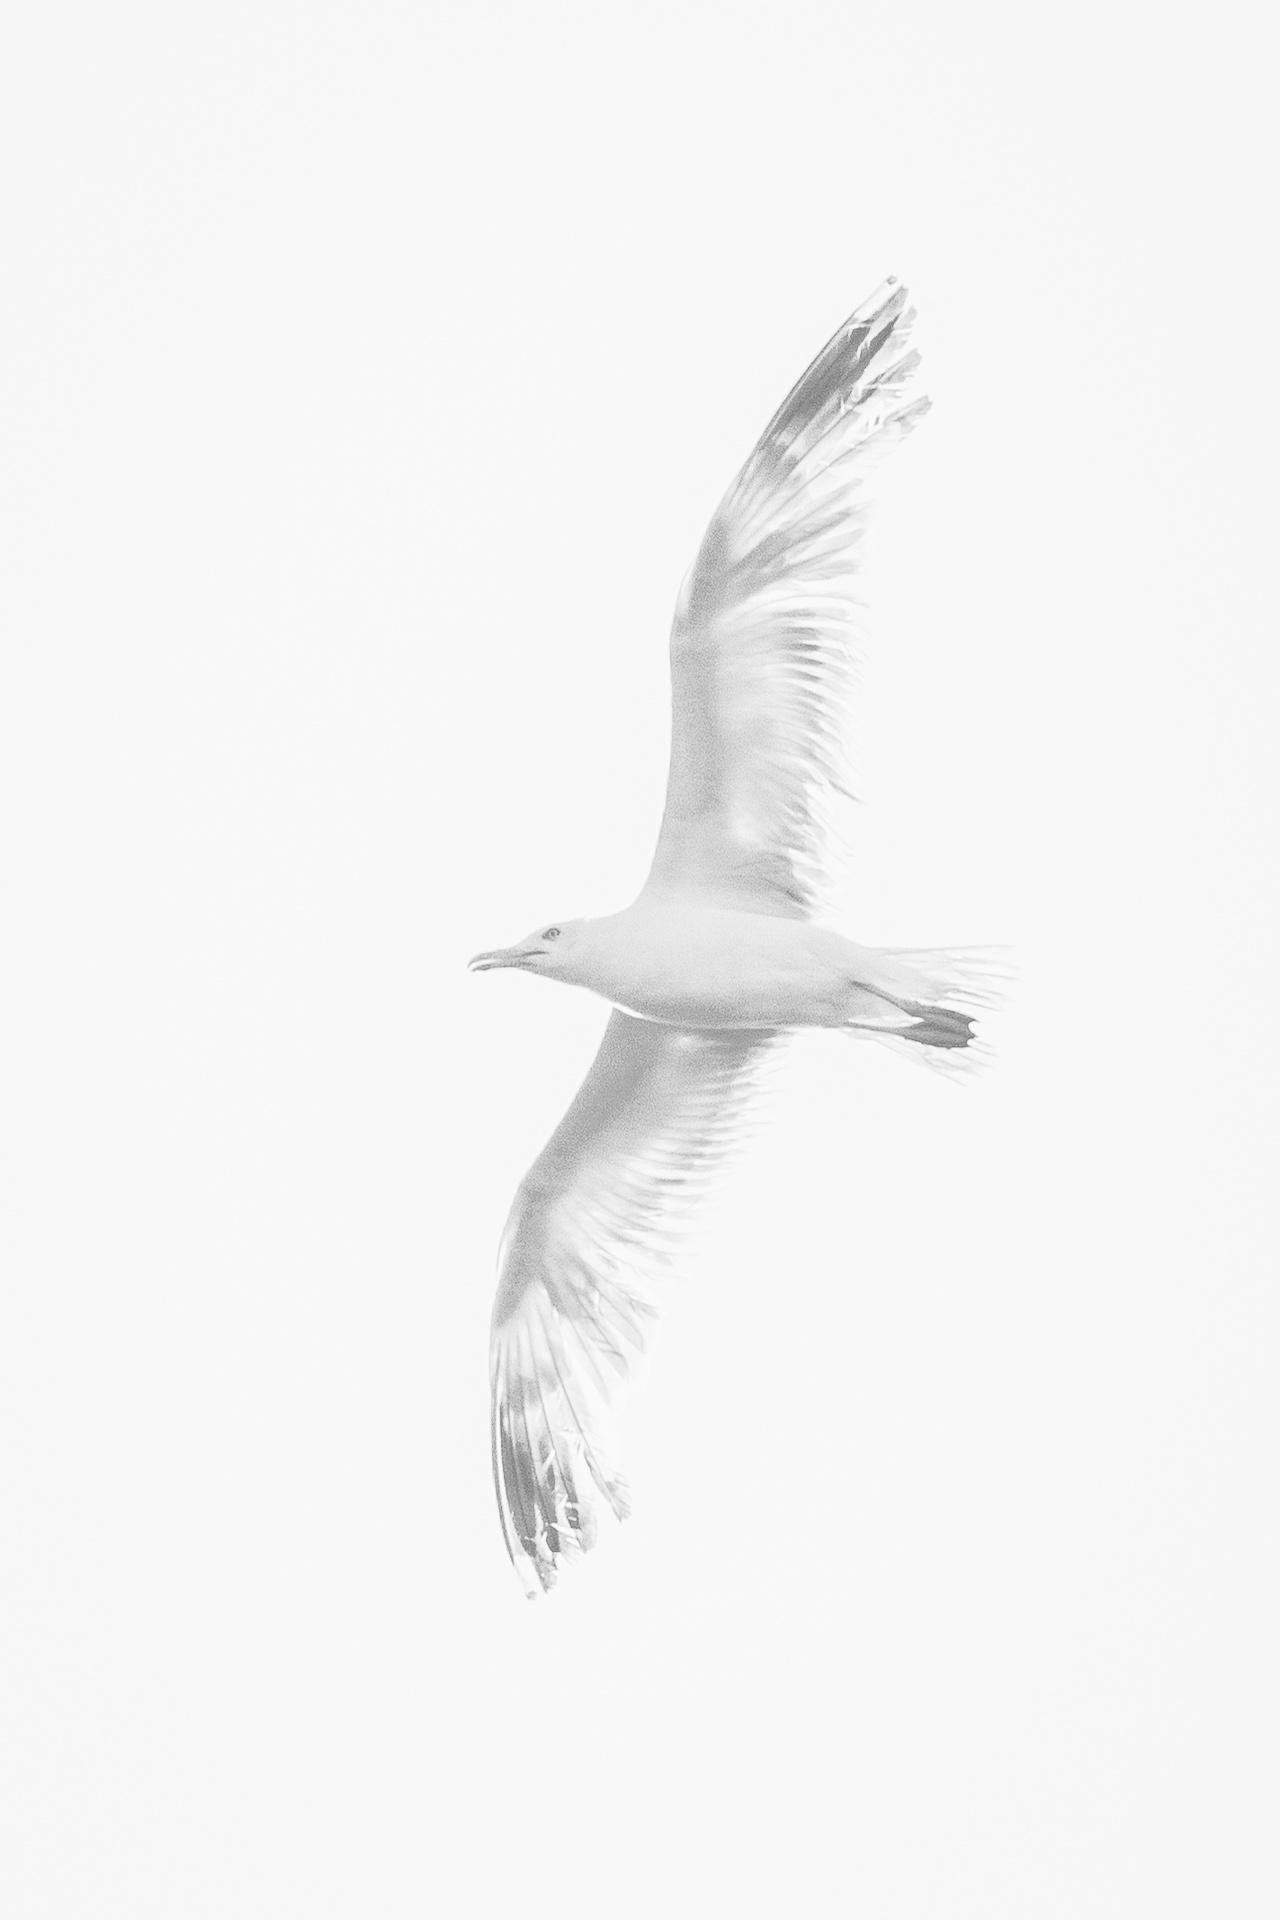 White headed gull in flight